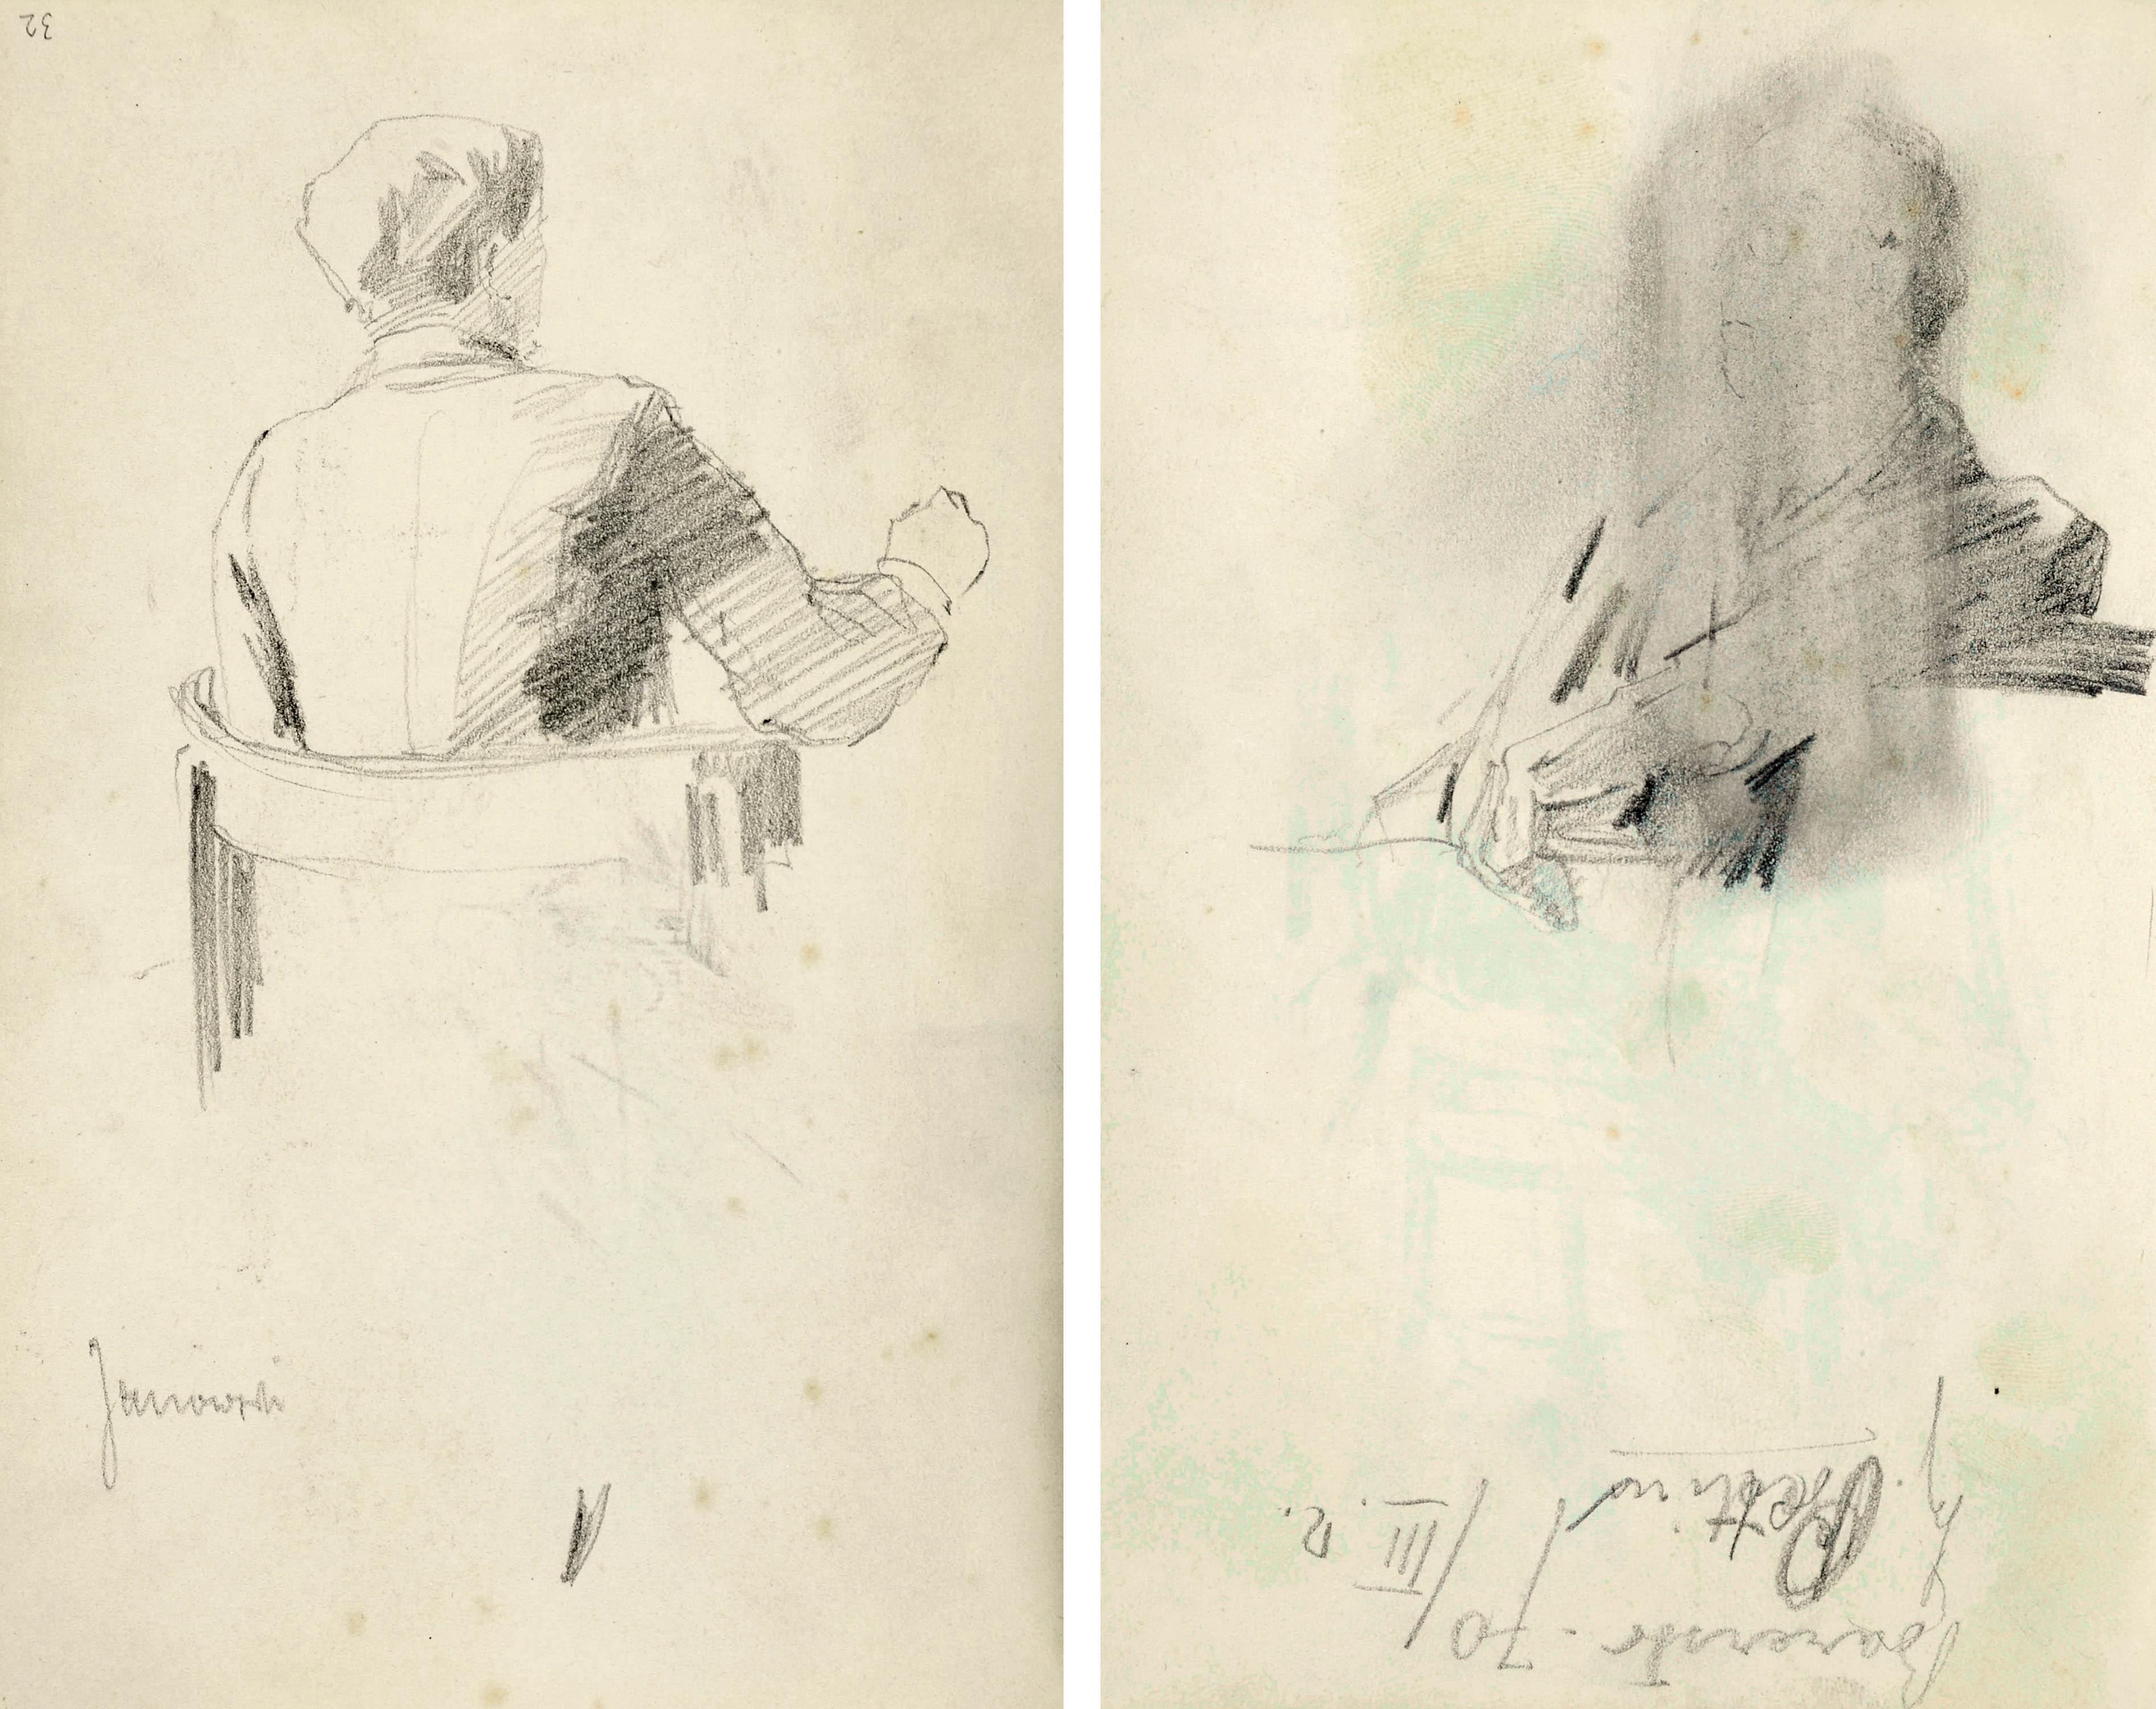 Mężczyzna siedzący w fotelu oraz szkice głów – Stanisław Janowski przy pracy